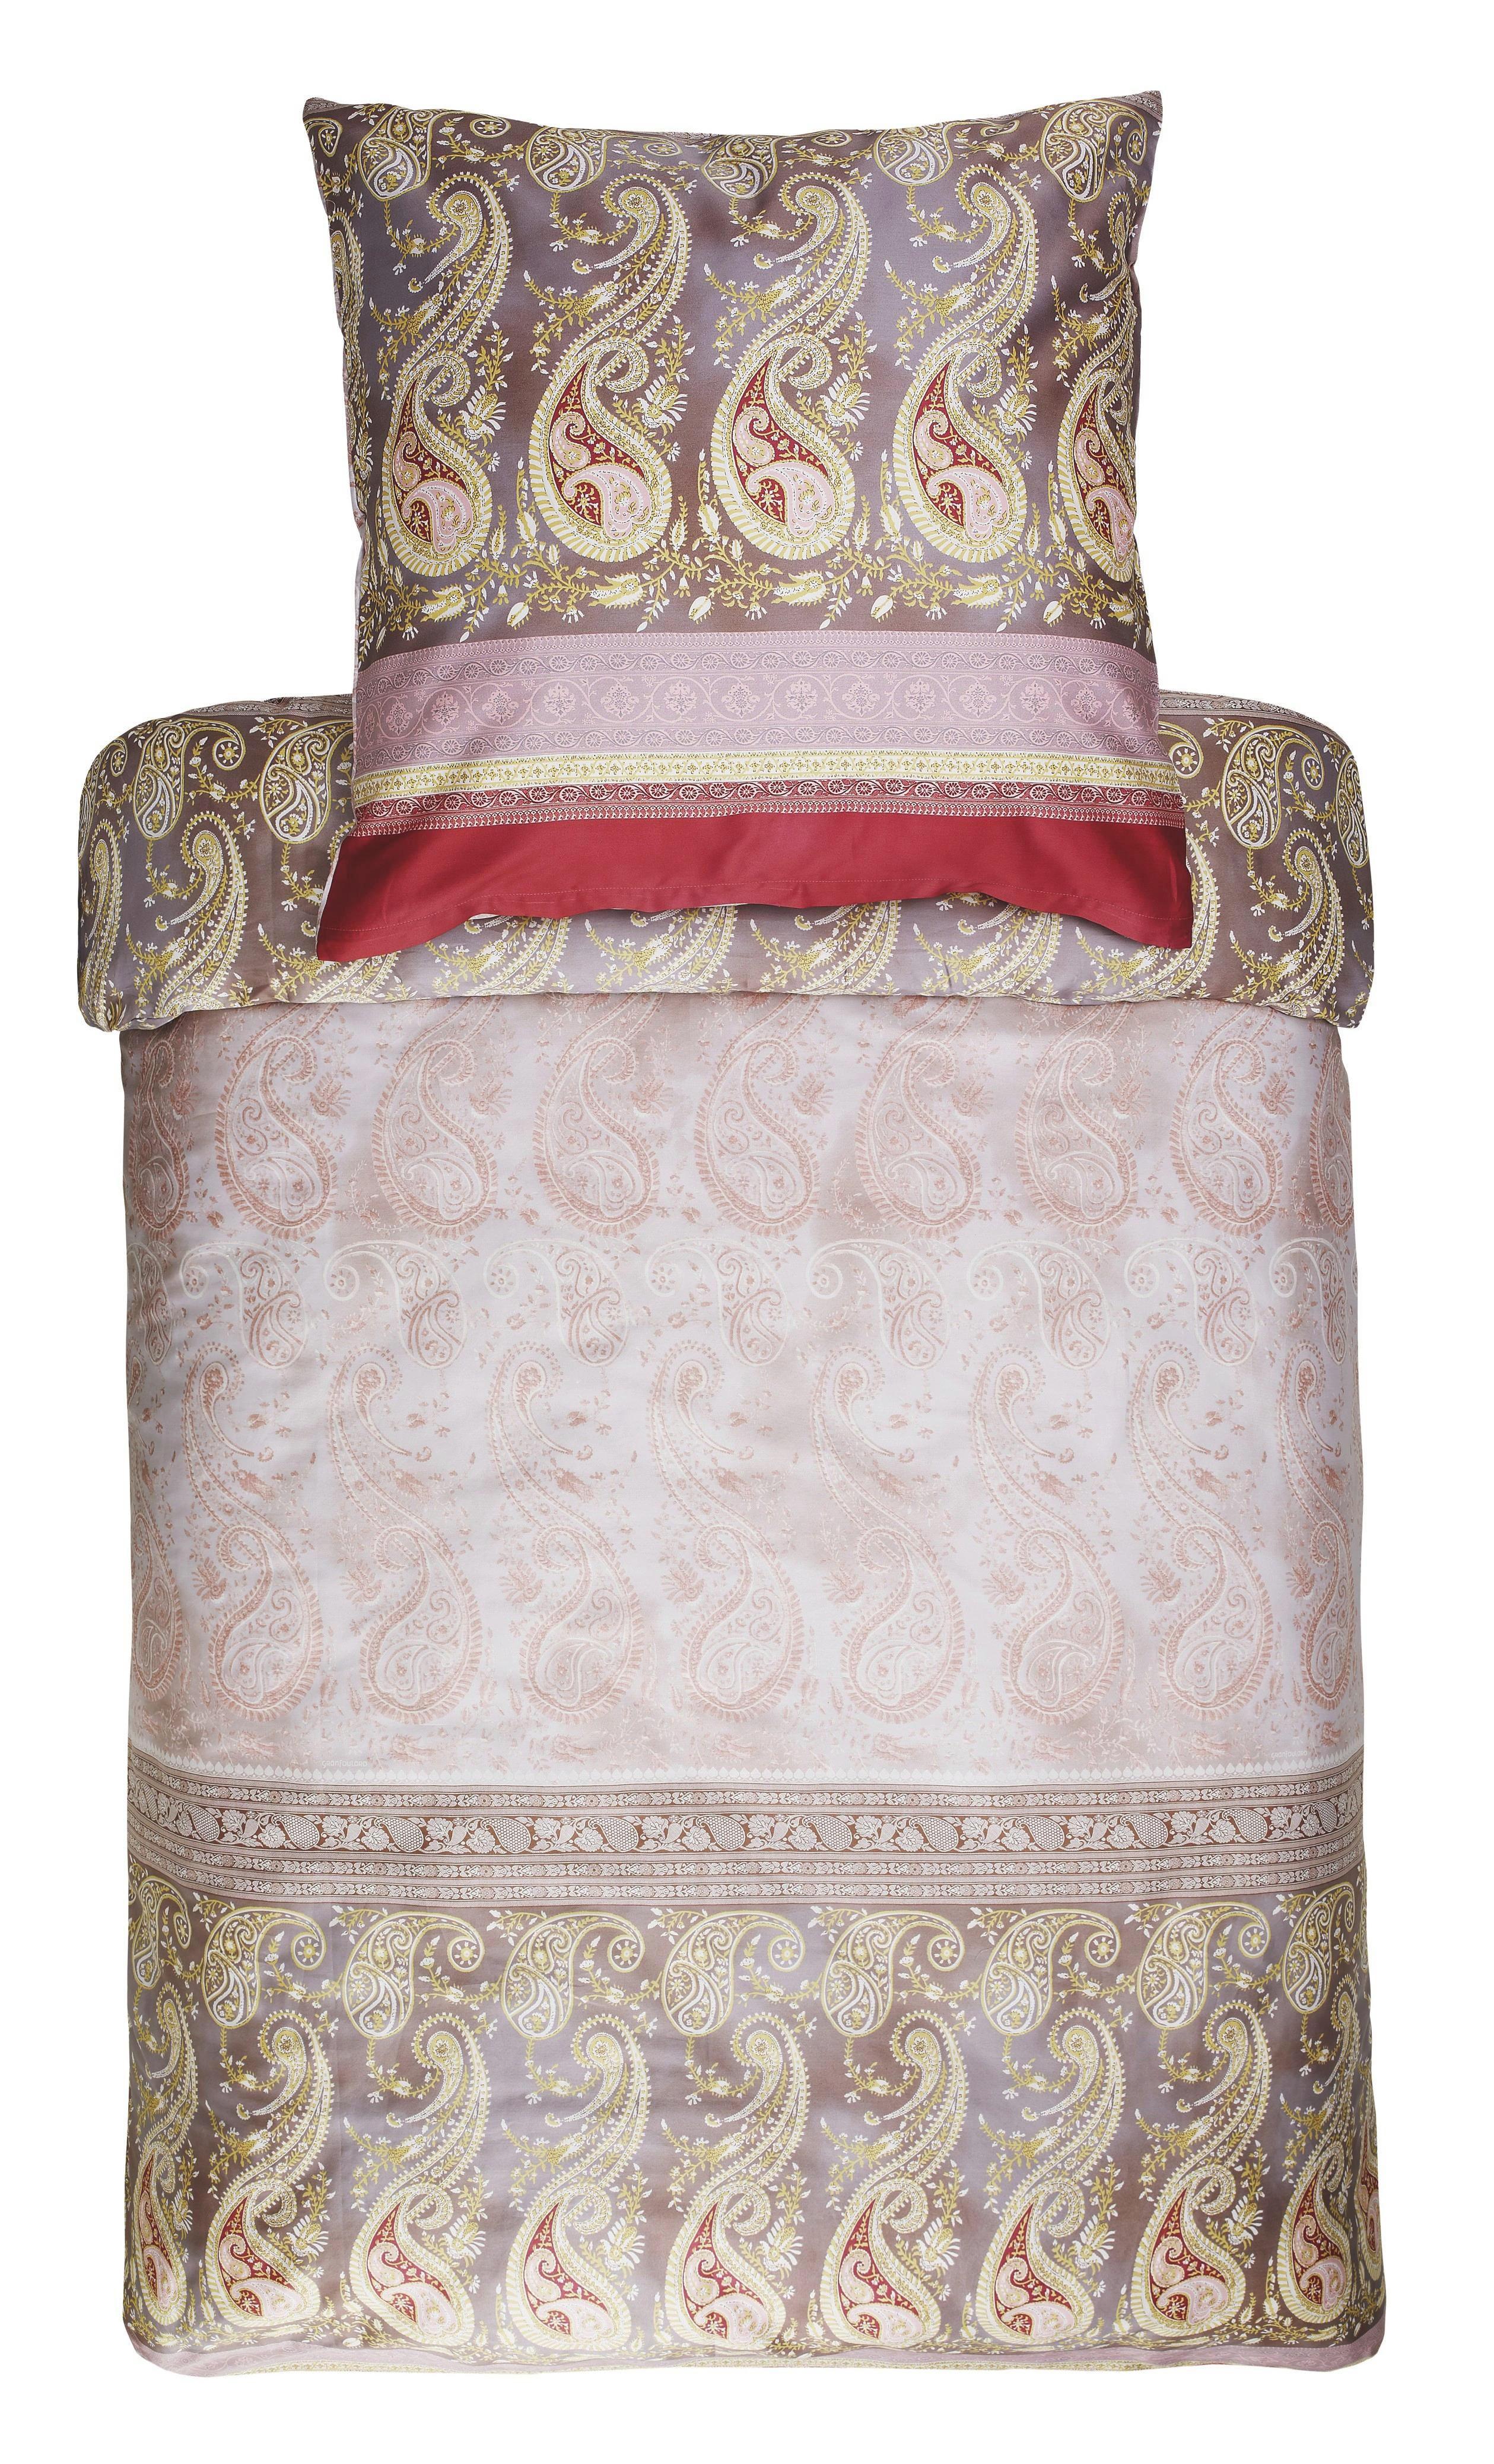 BETTWÄSCHE Beige - Beige, LIFESTYLE, Textil (155/220cm) - BASSETTI